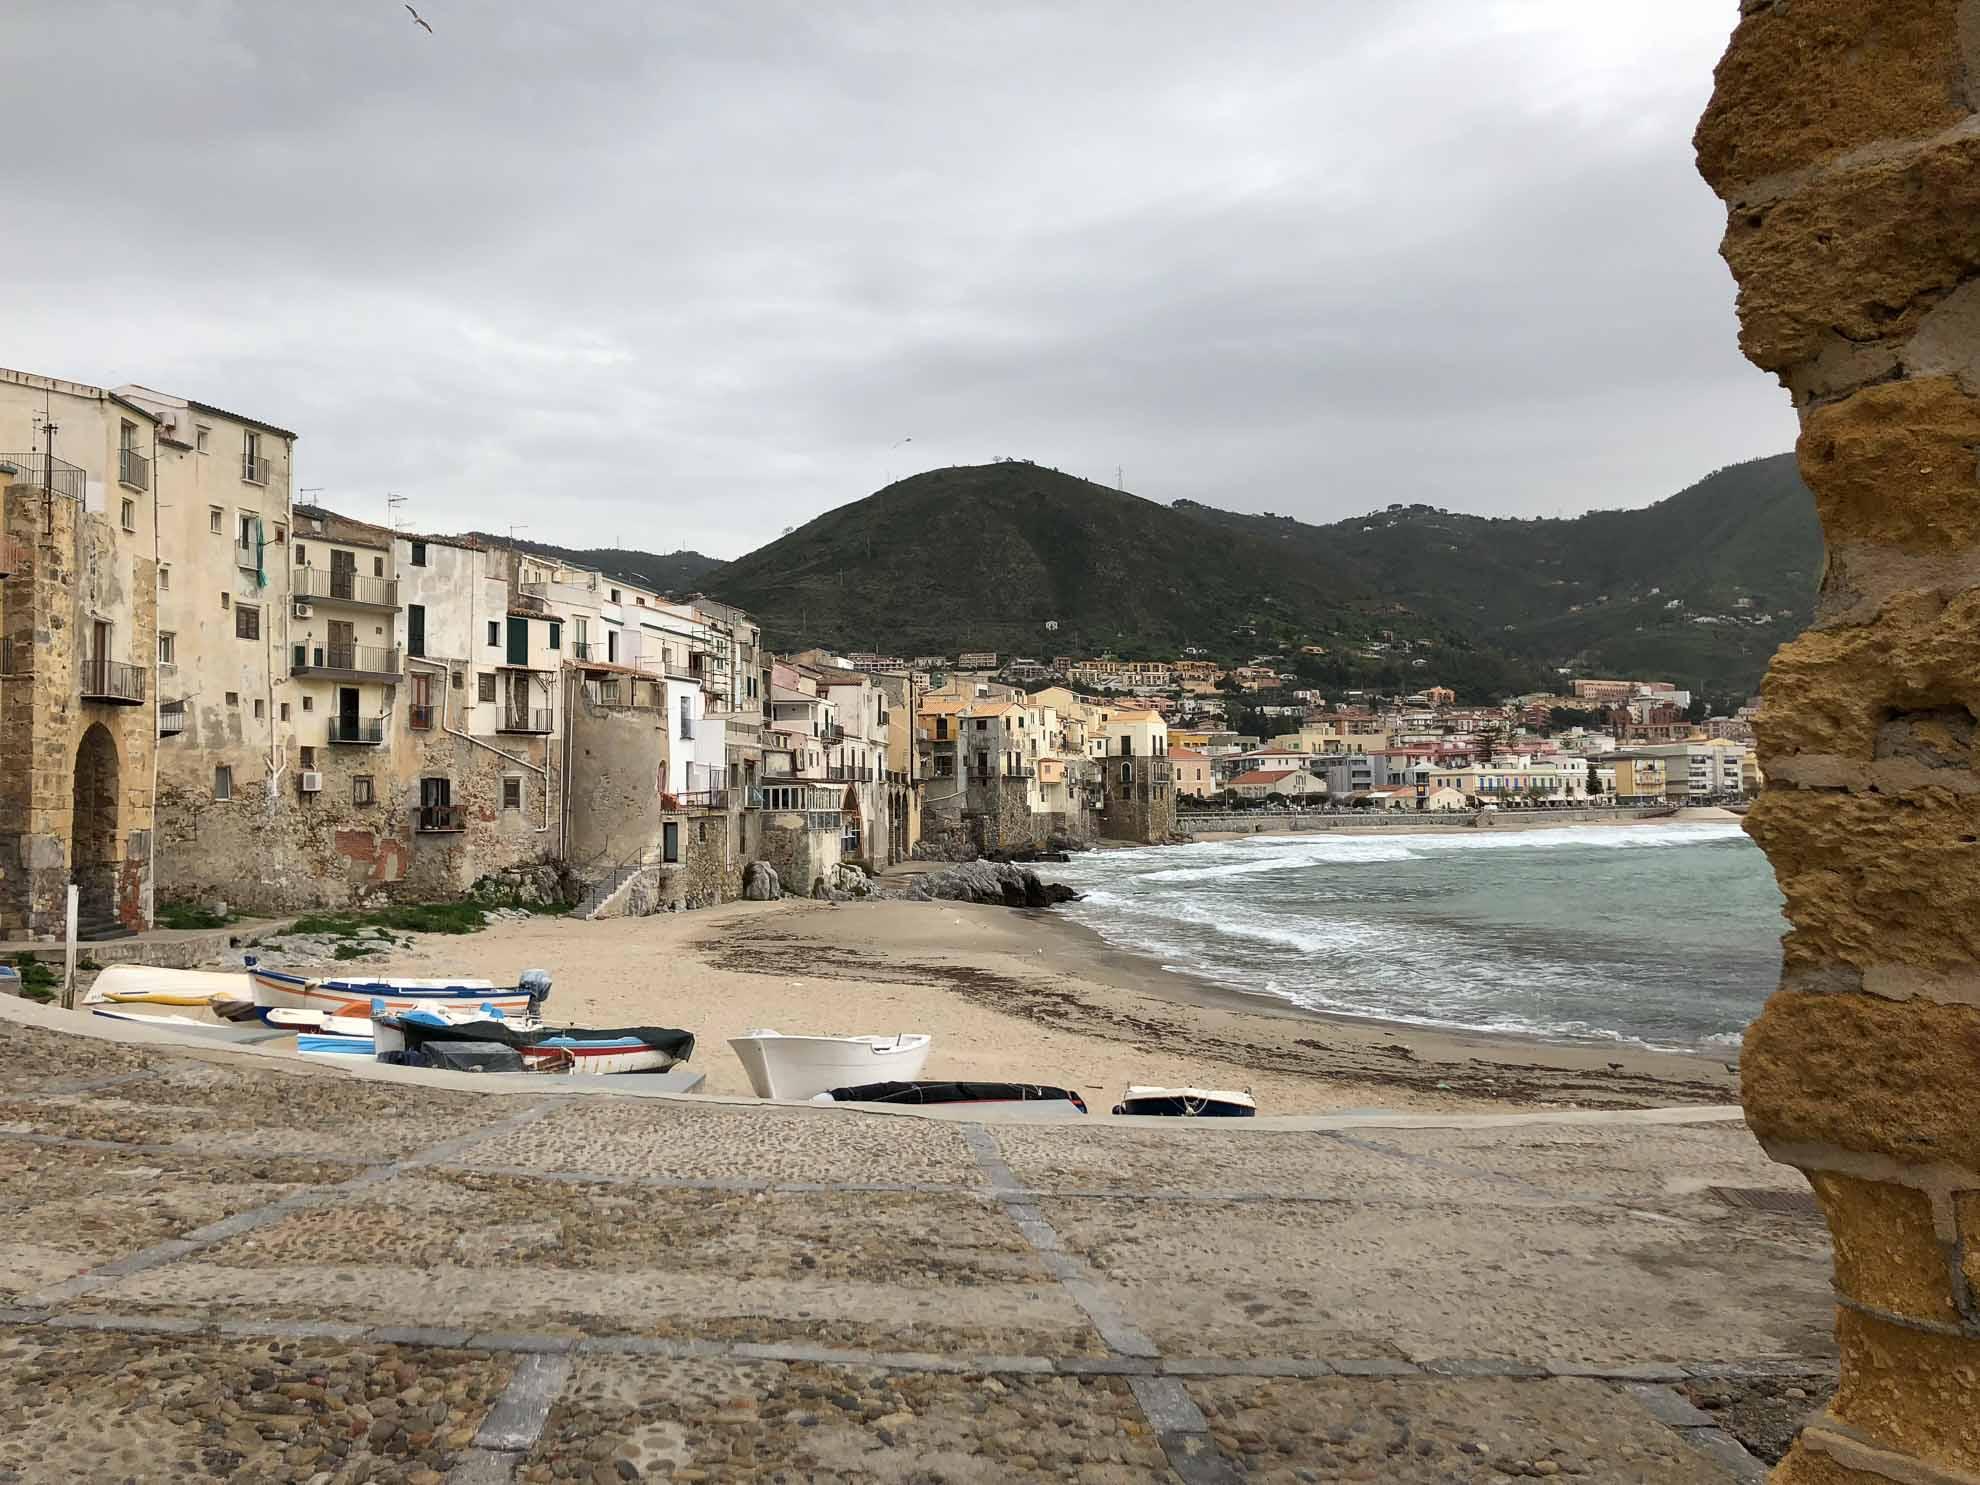 In Cefalù reicht die Stadt bis an den Strand.